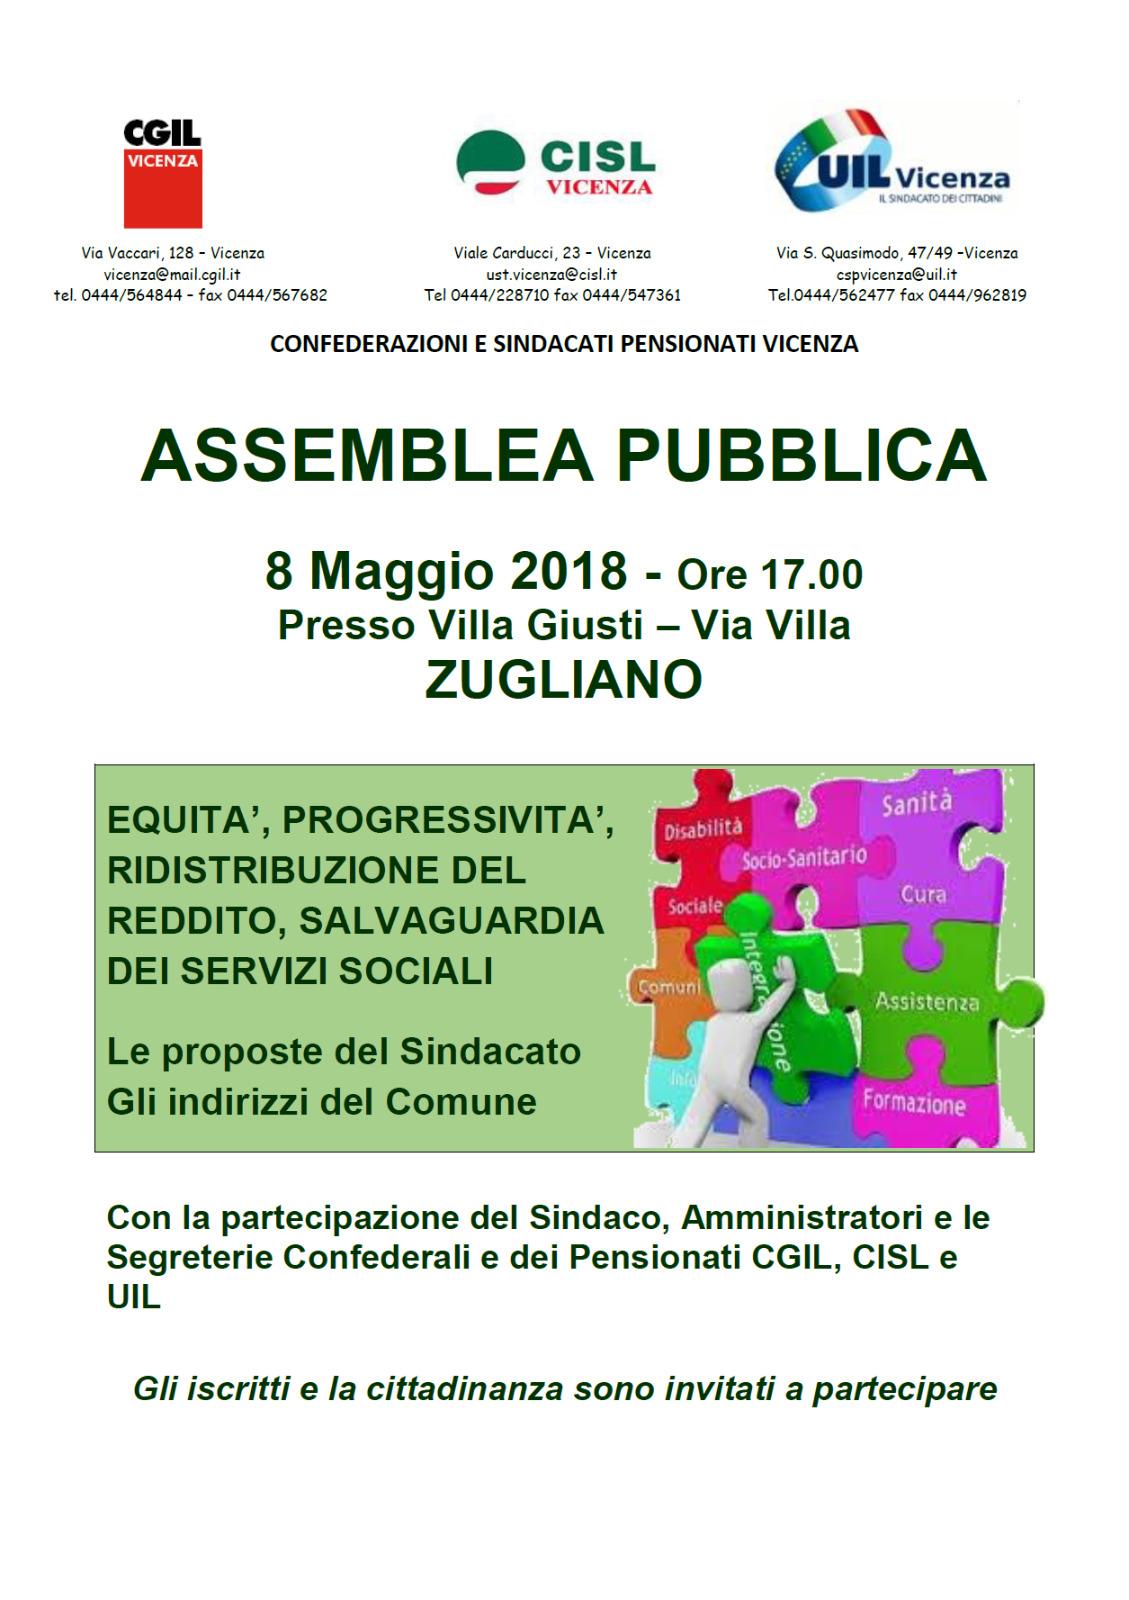 assemblea zugliano 8.5.2018